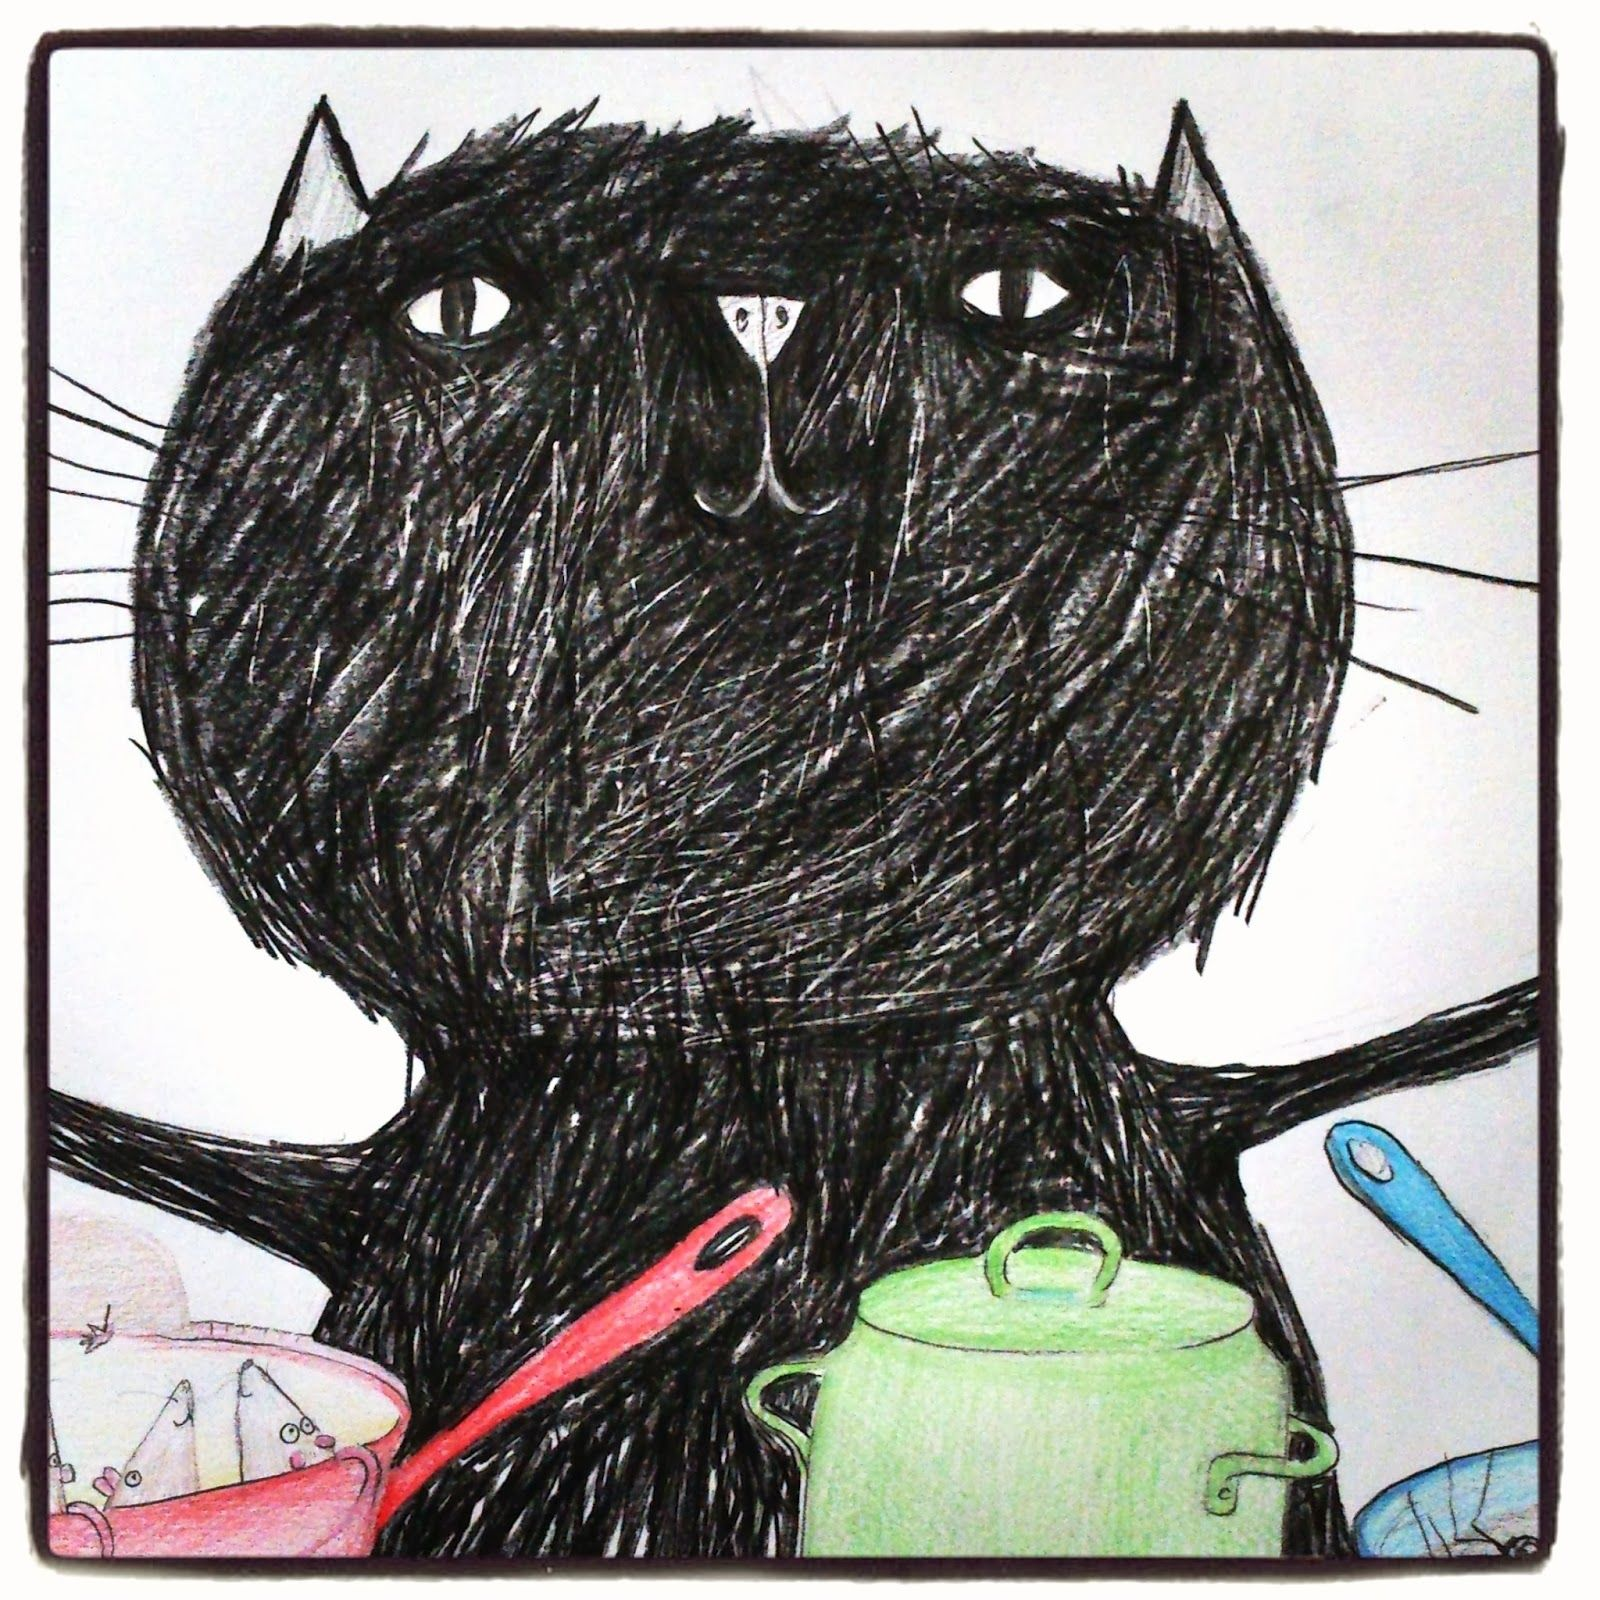 A+hungry+cat+Hazel+Terry.jpg (1600x1600 píxeles)